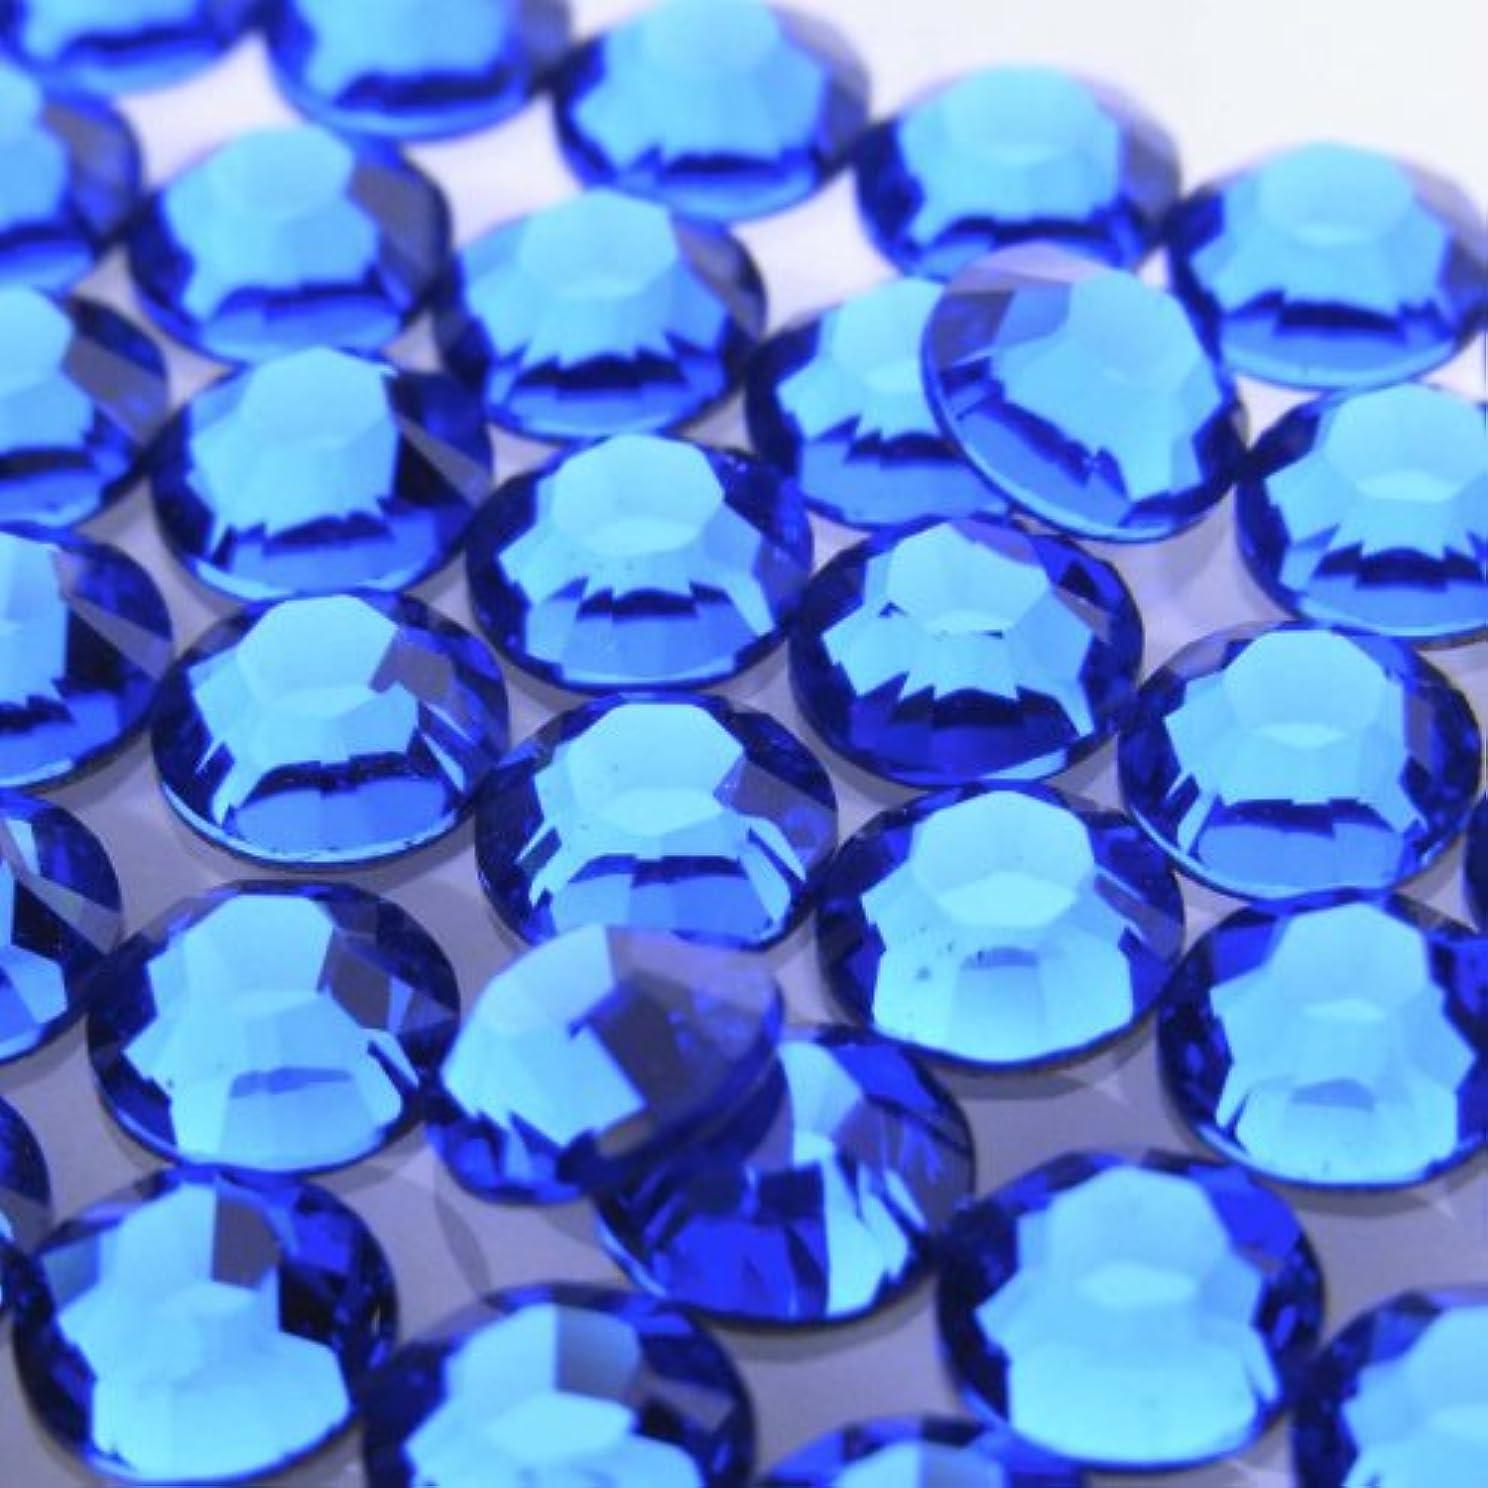 キルス時代遅れ薬理学Hotfixカプリブルーss8(100粒入り)スワロフスキーラインストーンホットフィックス